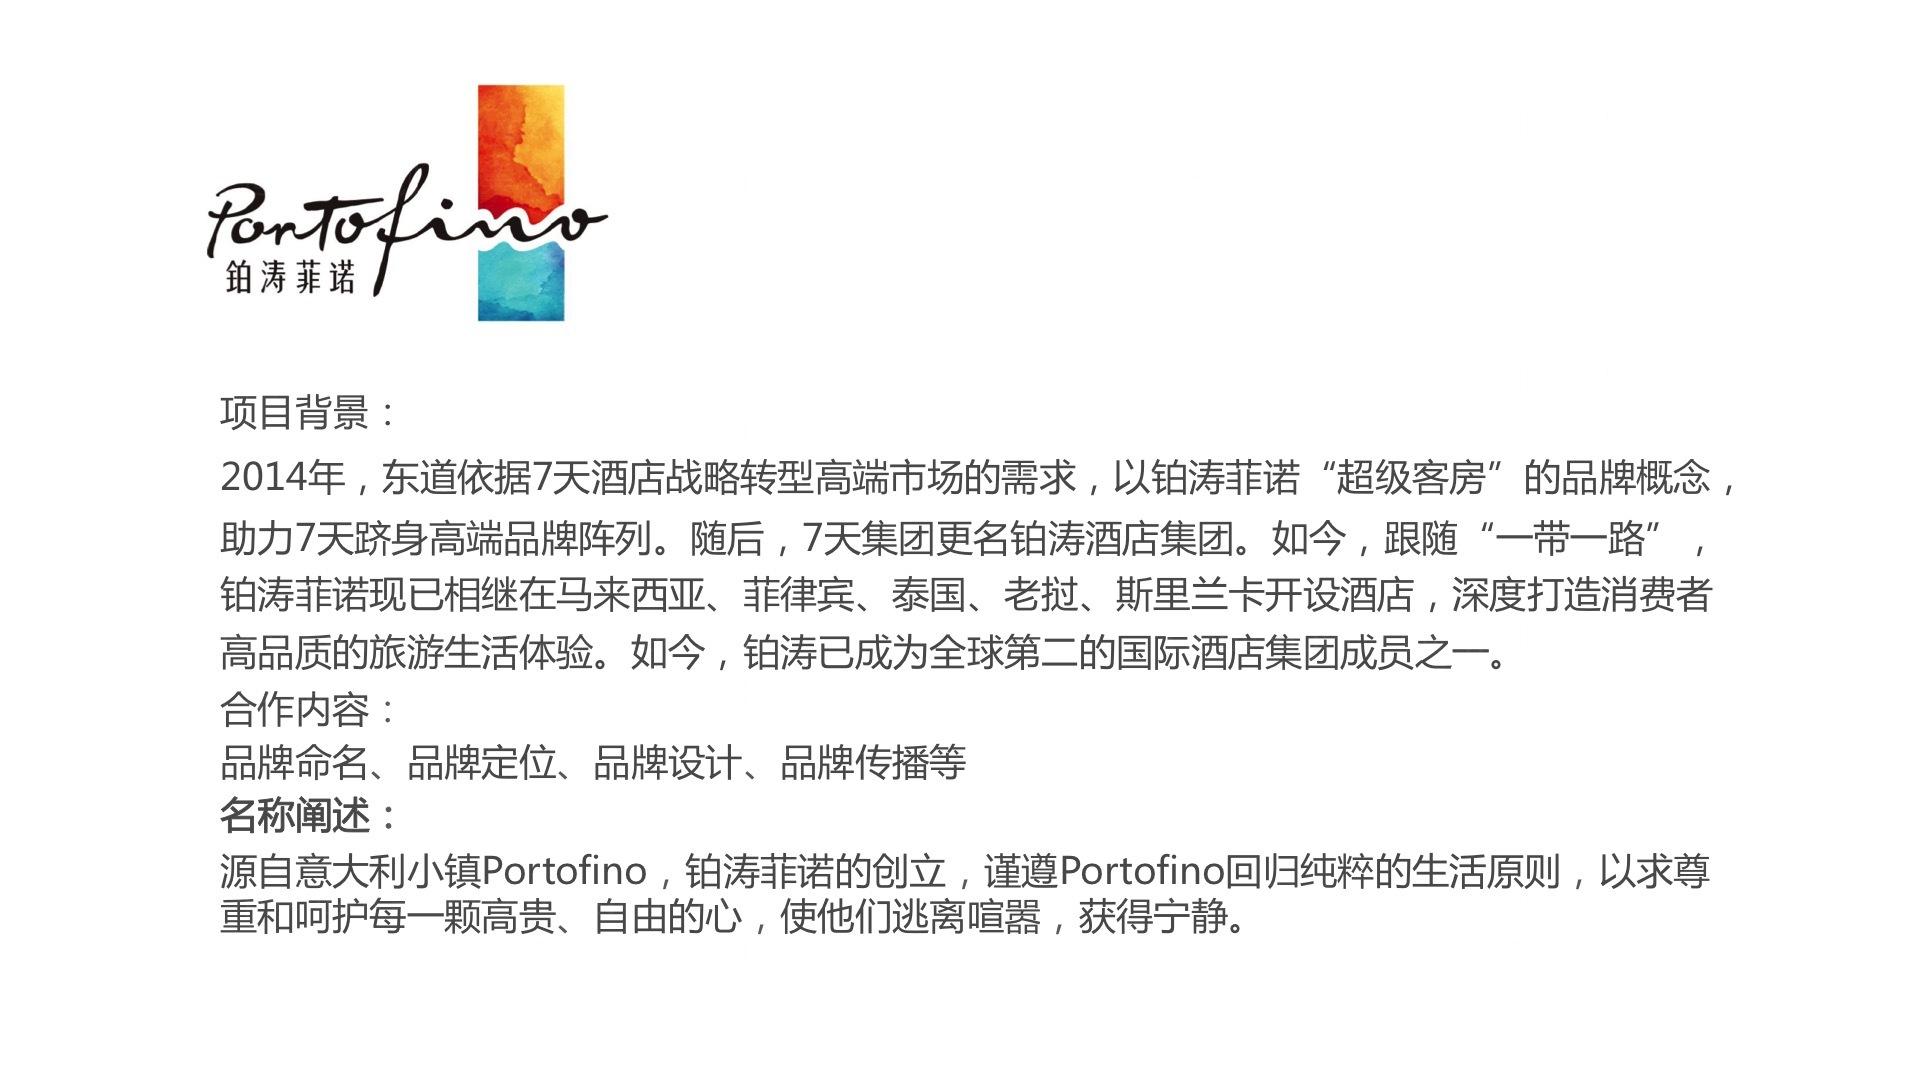 品牌战略&企业文化案例铂涛菲诺酒店酒店品牌命名